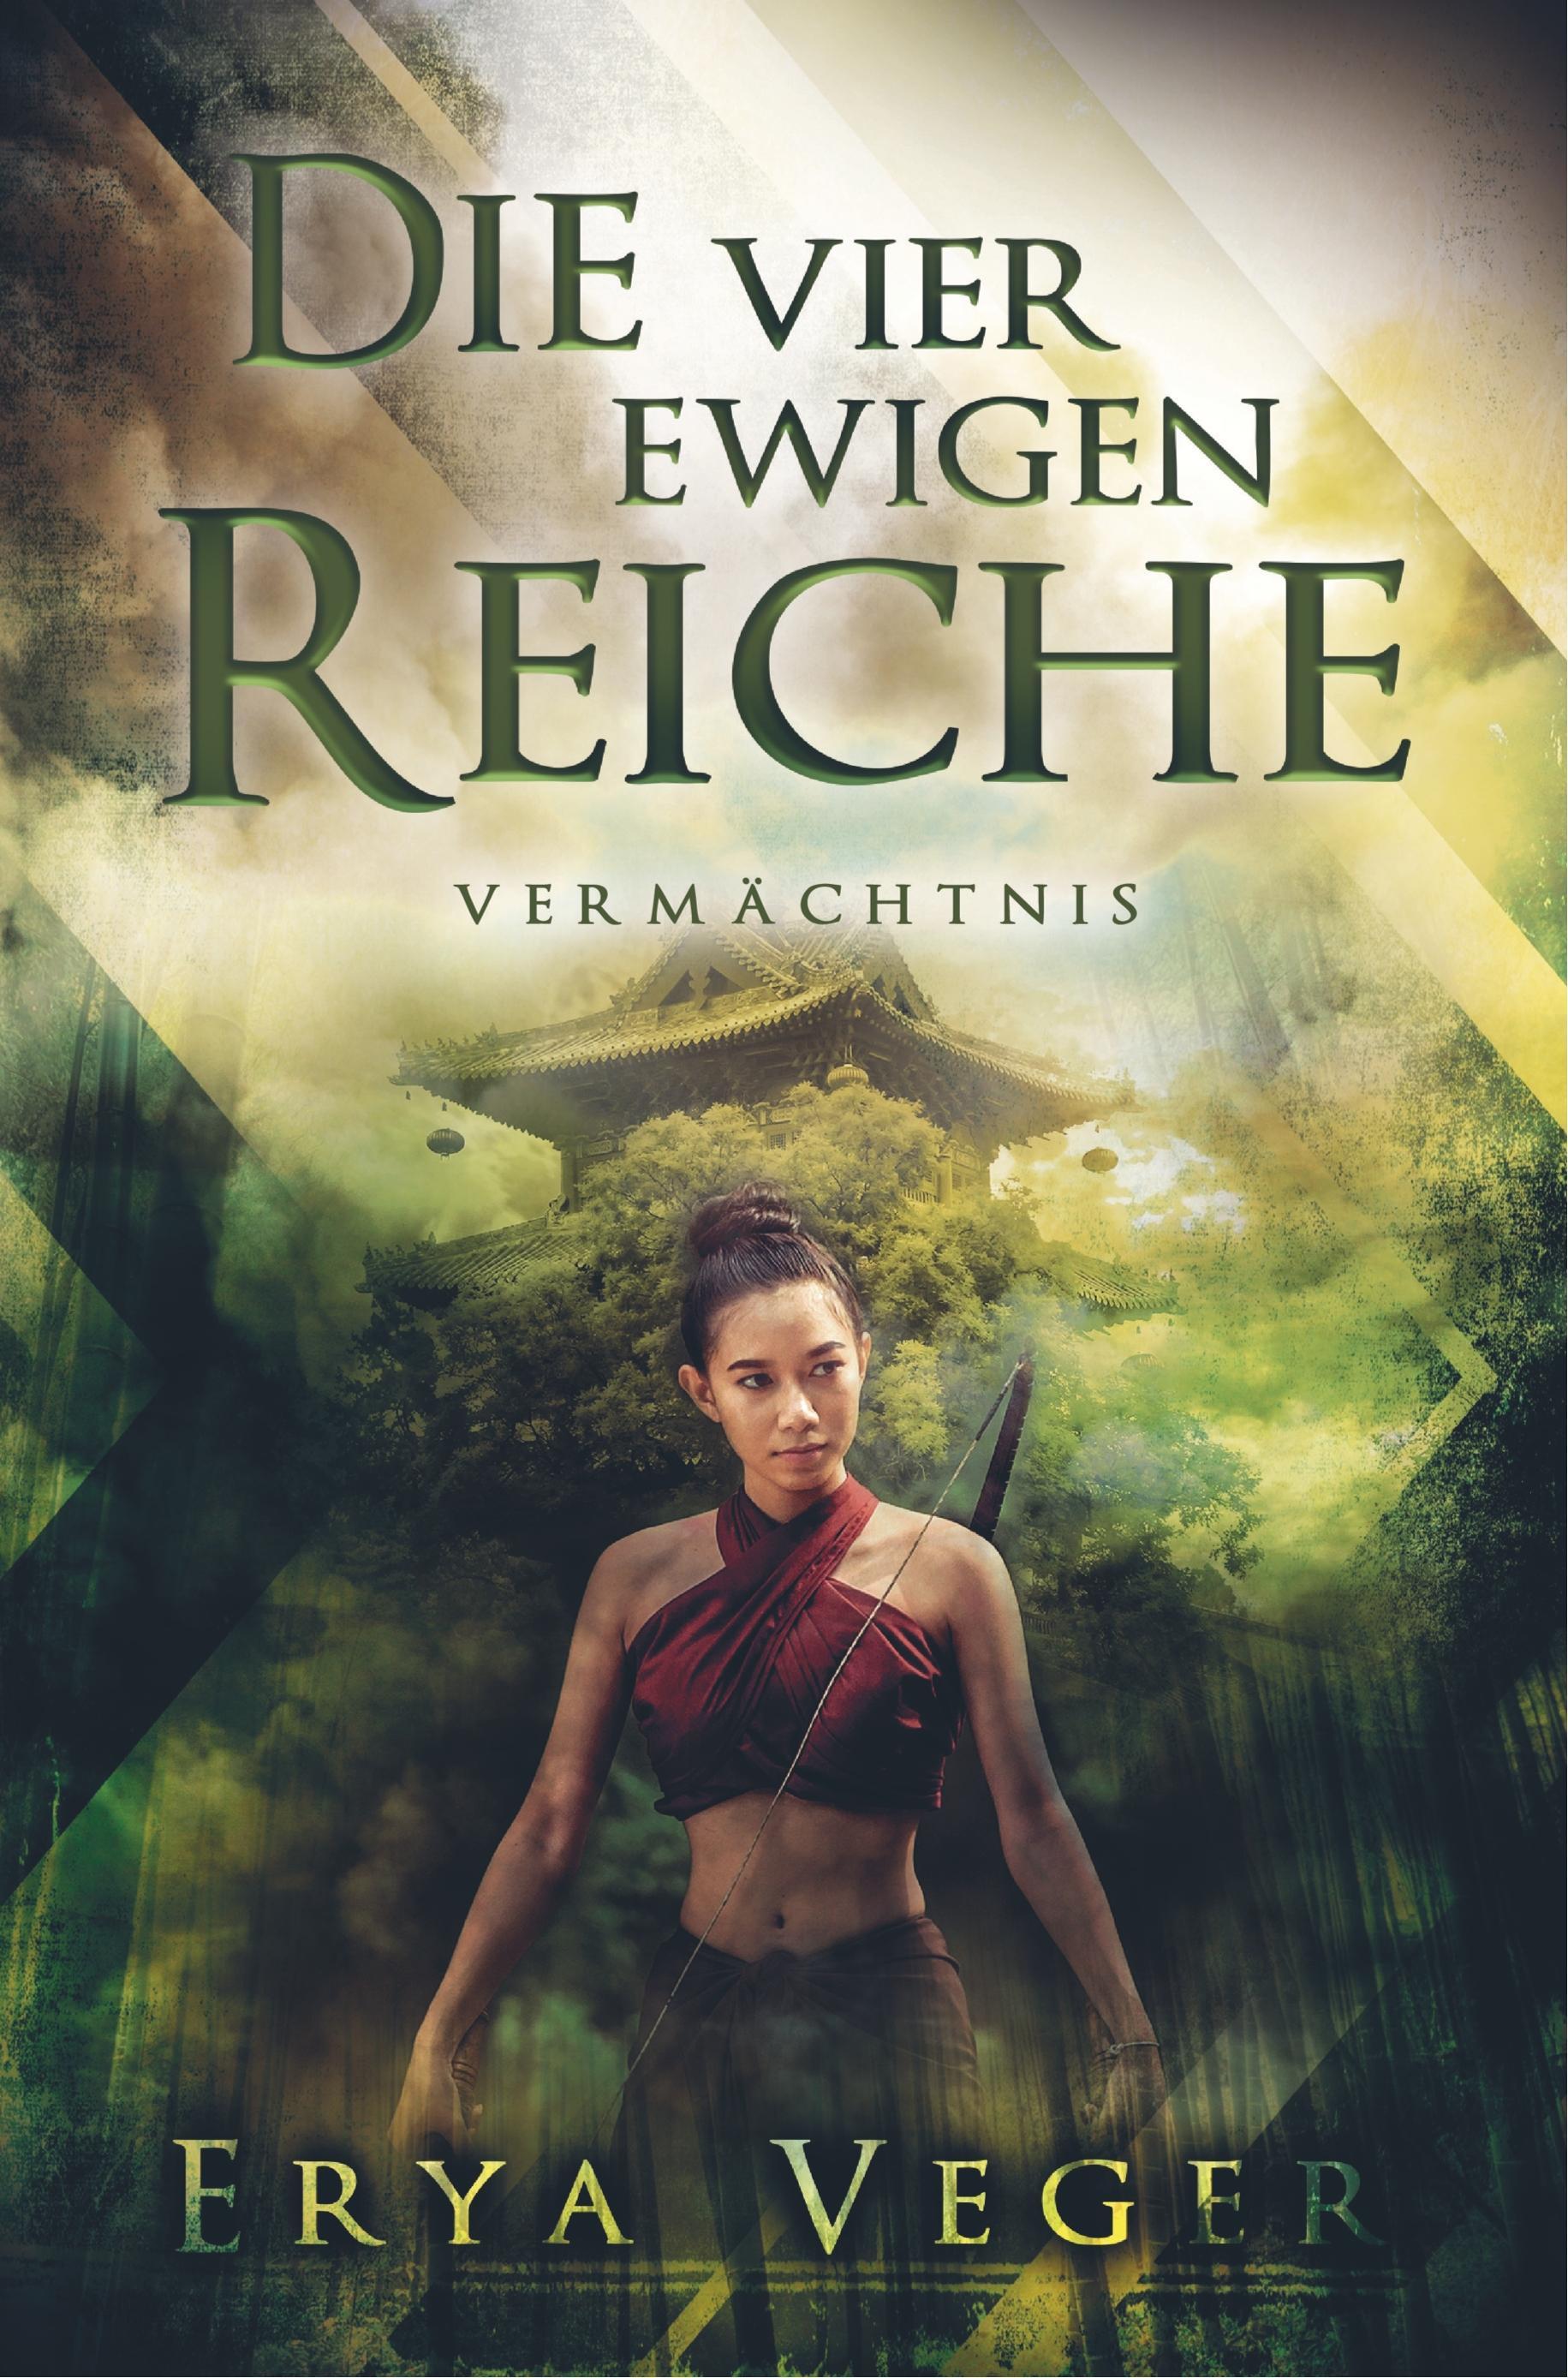 Die vier ewigen Reiche  Vermächtnis  Erya Veger  Taschenbuch  Paperback  Deutsch  2020 - Erya Veger